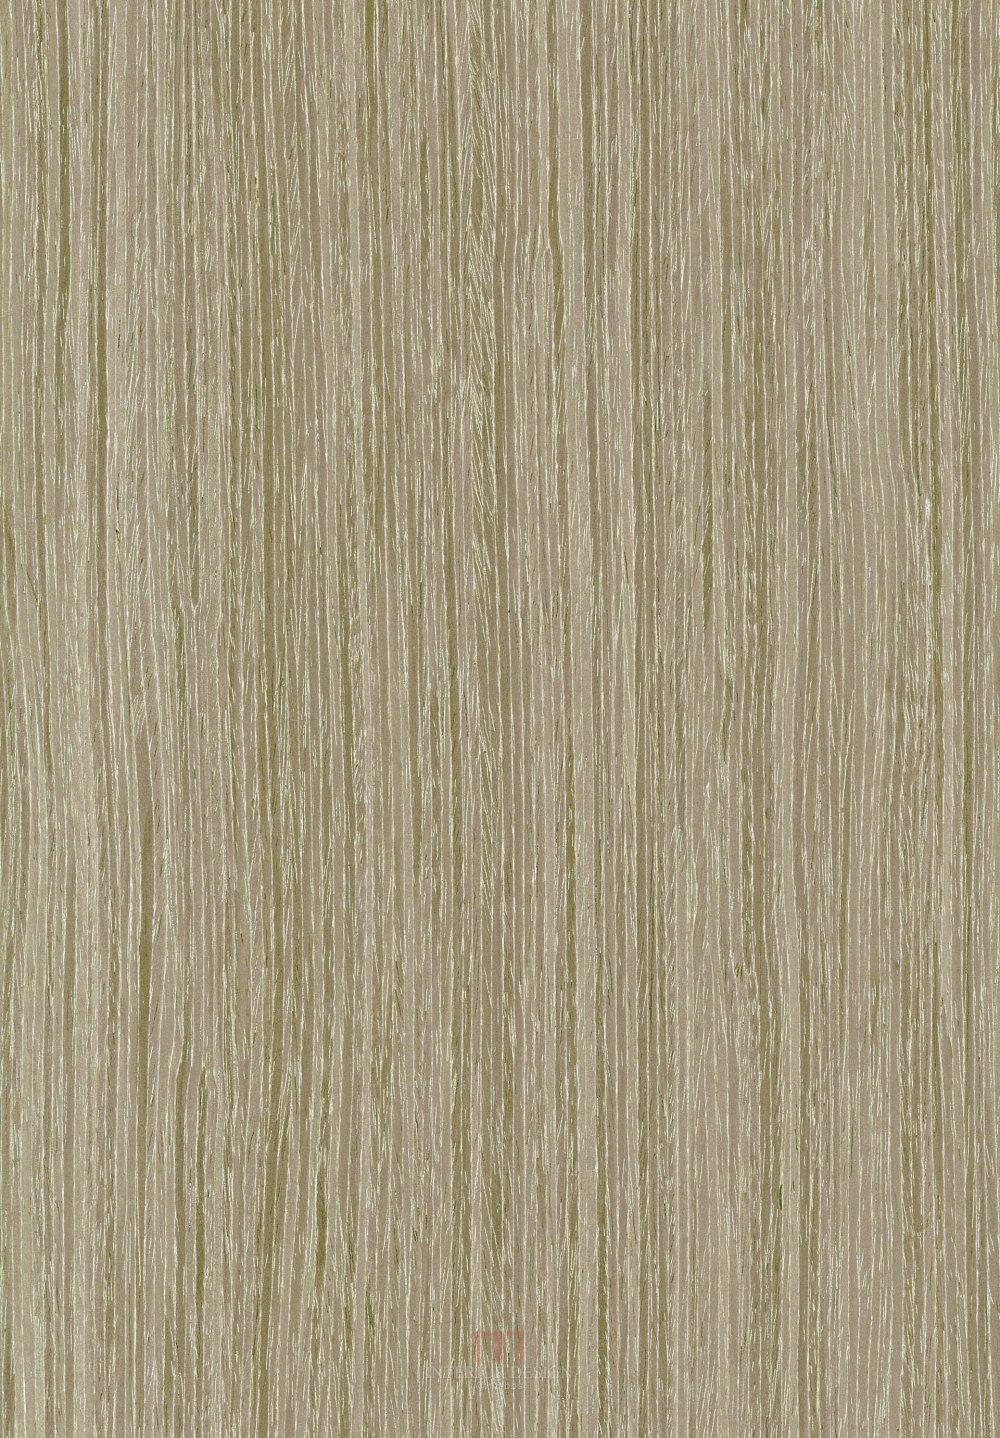 人造木纹_K6236_F0603.jpg